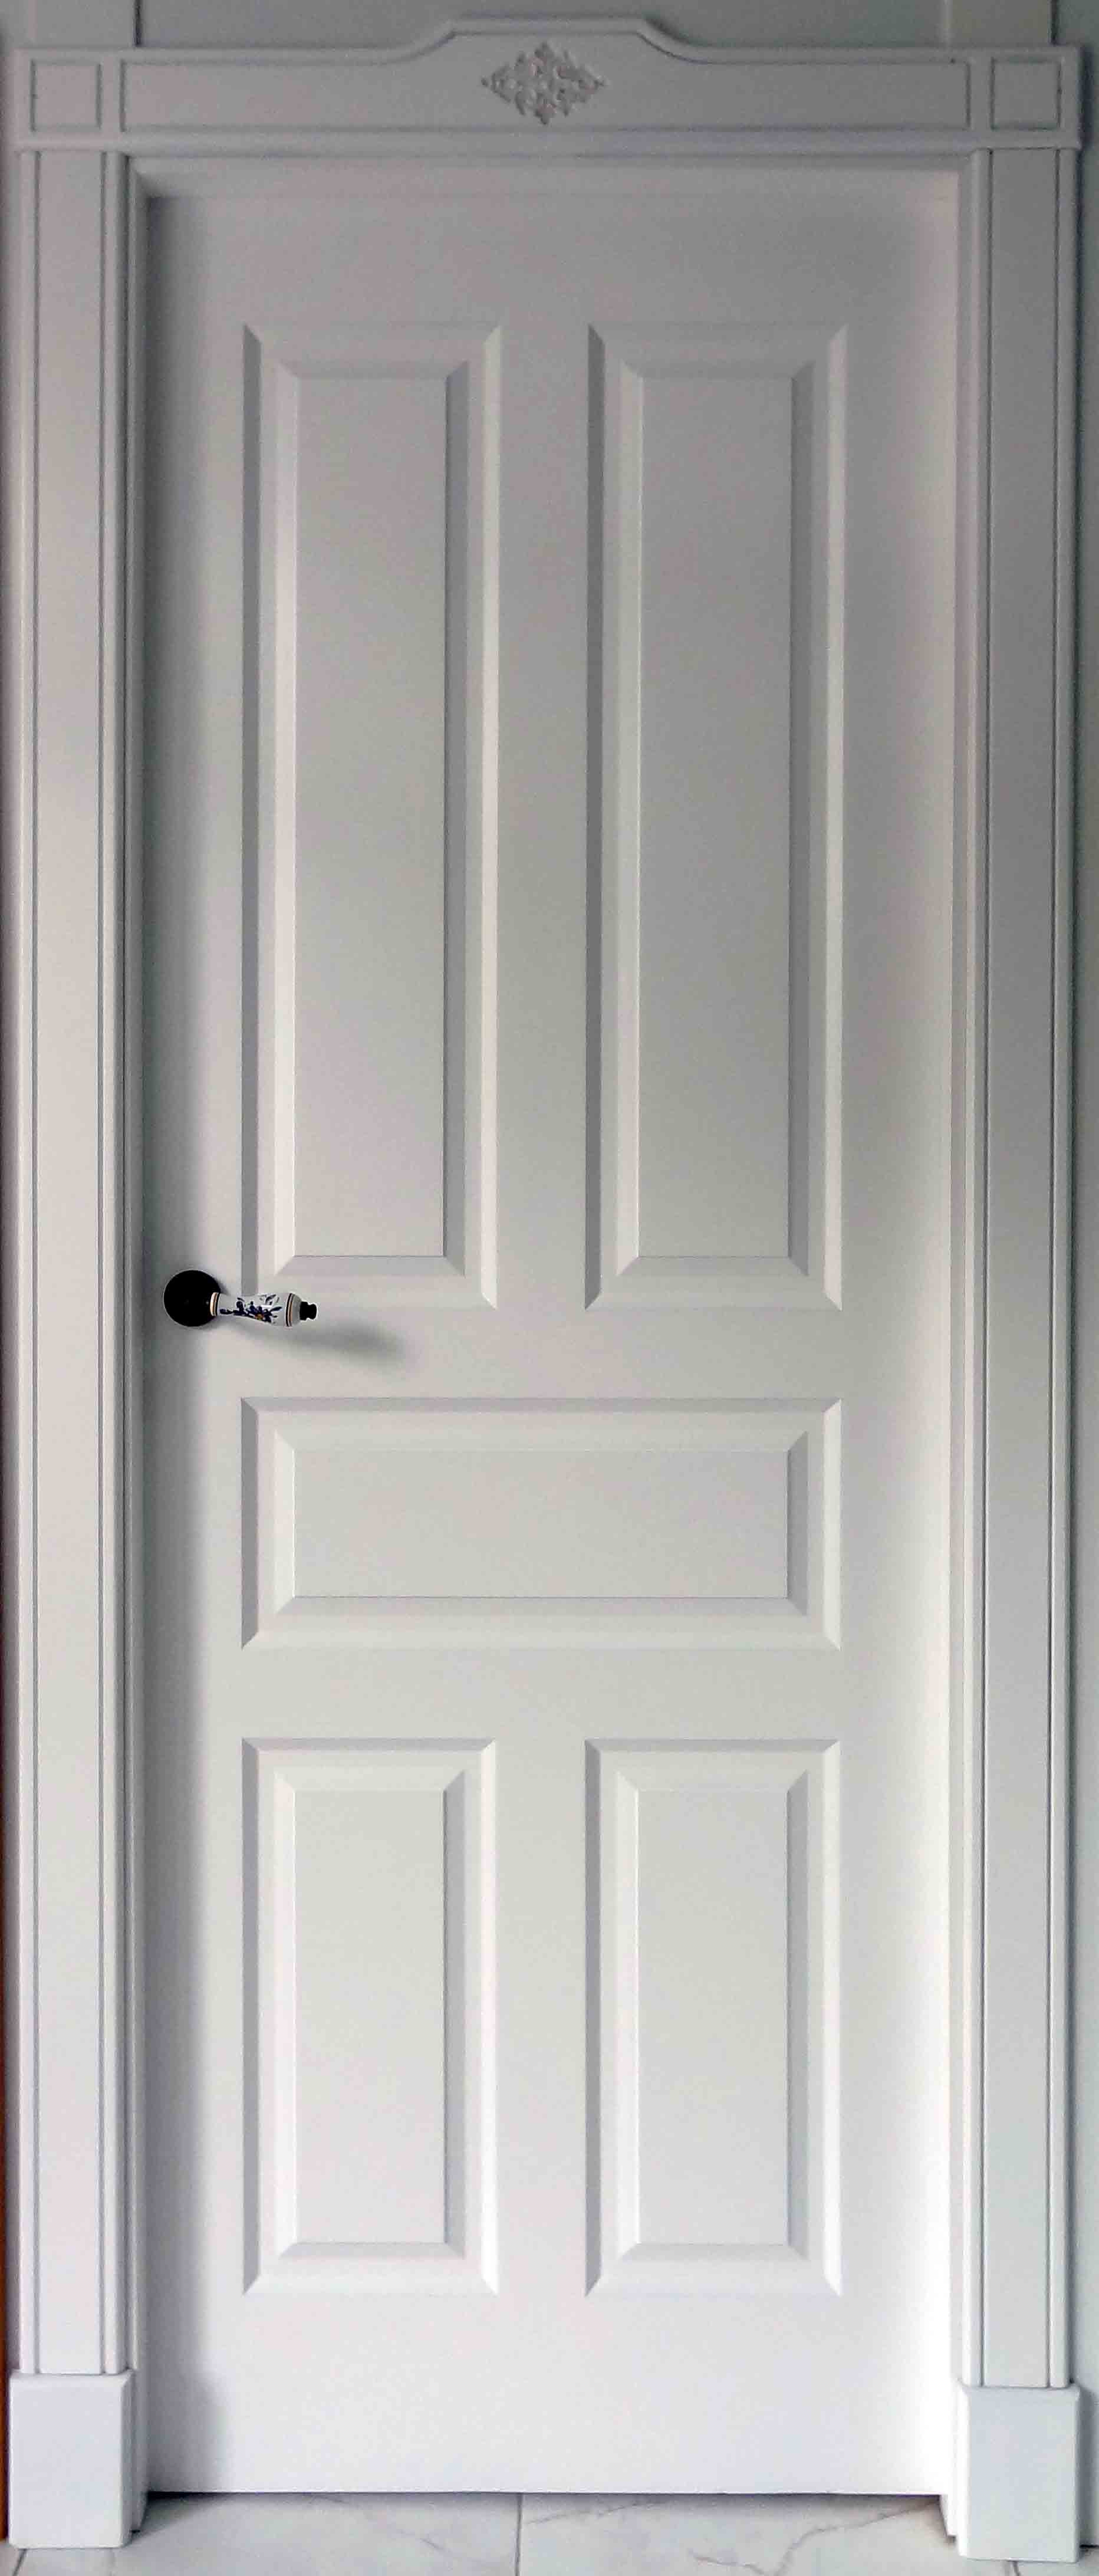 Puertas Lacadas Blanco. Estilo Puertas Lacadas Blancas With Puertas ...